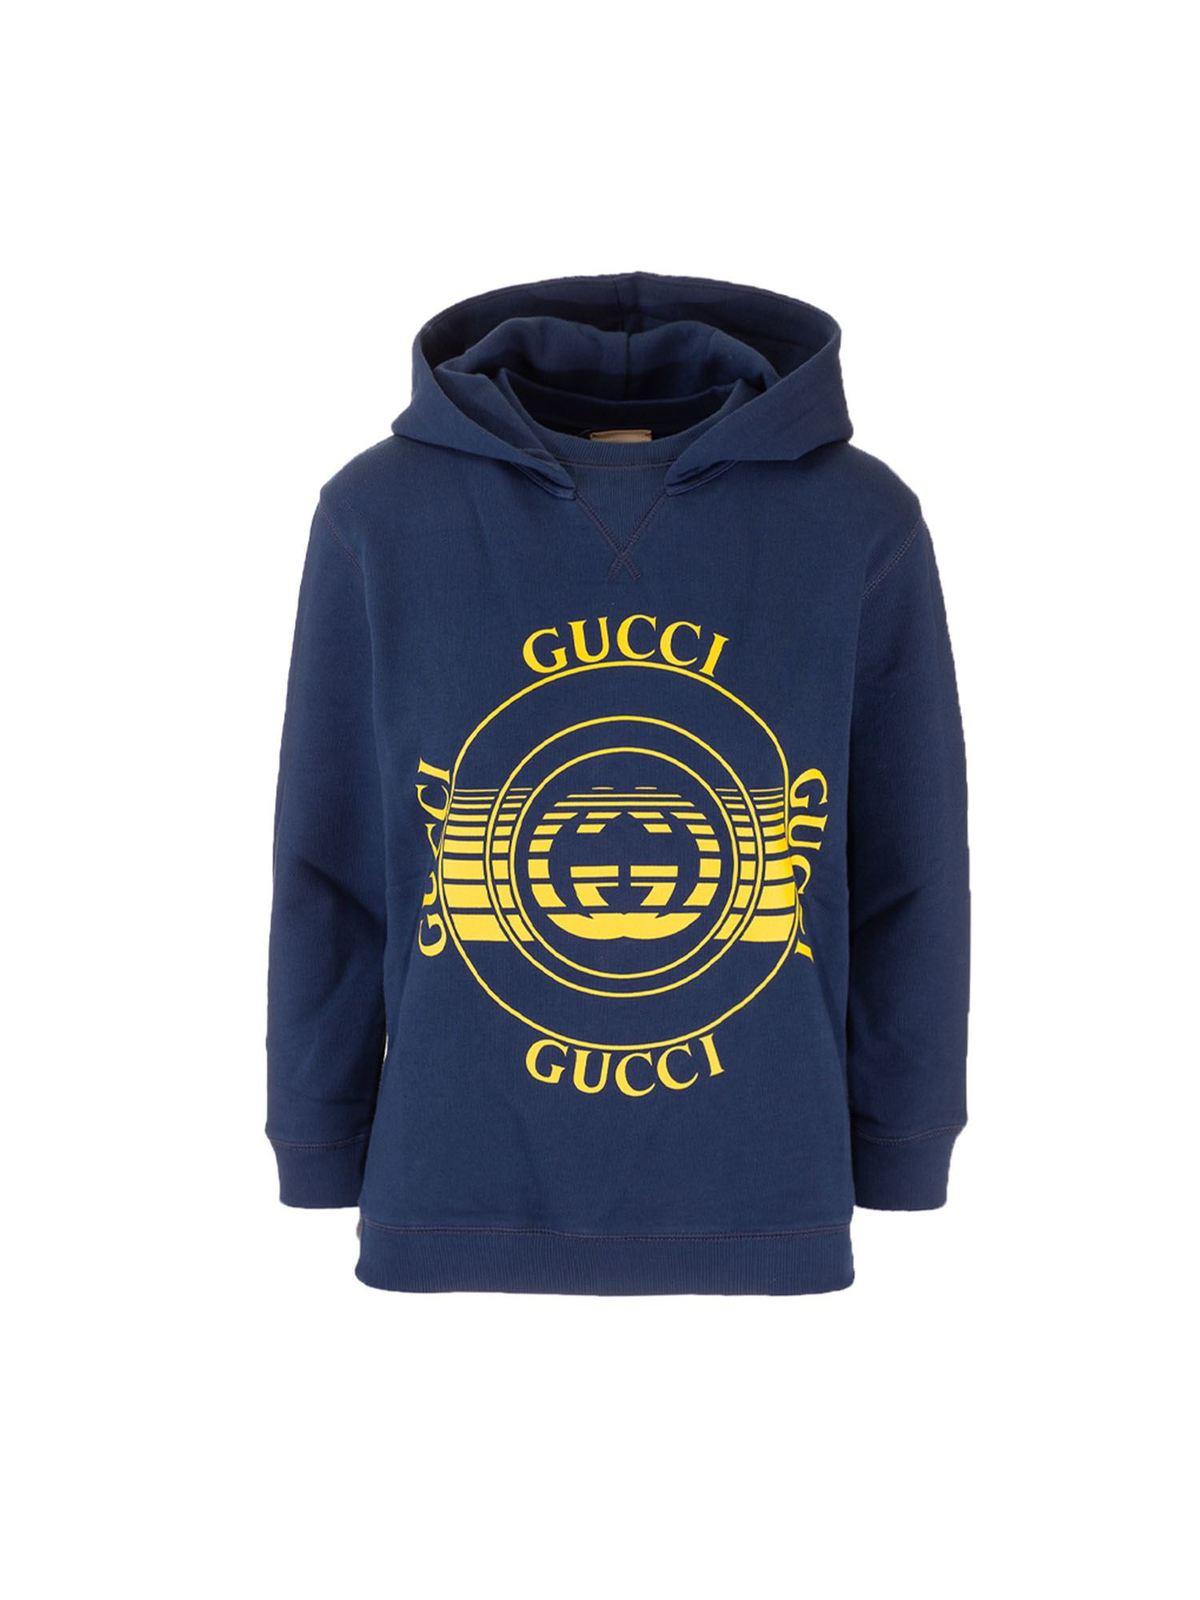 Gucci GUCCI DISCO HOODIE IN BLUE